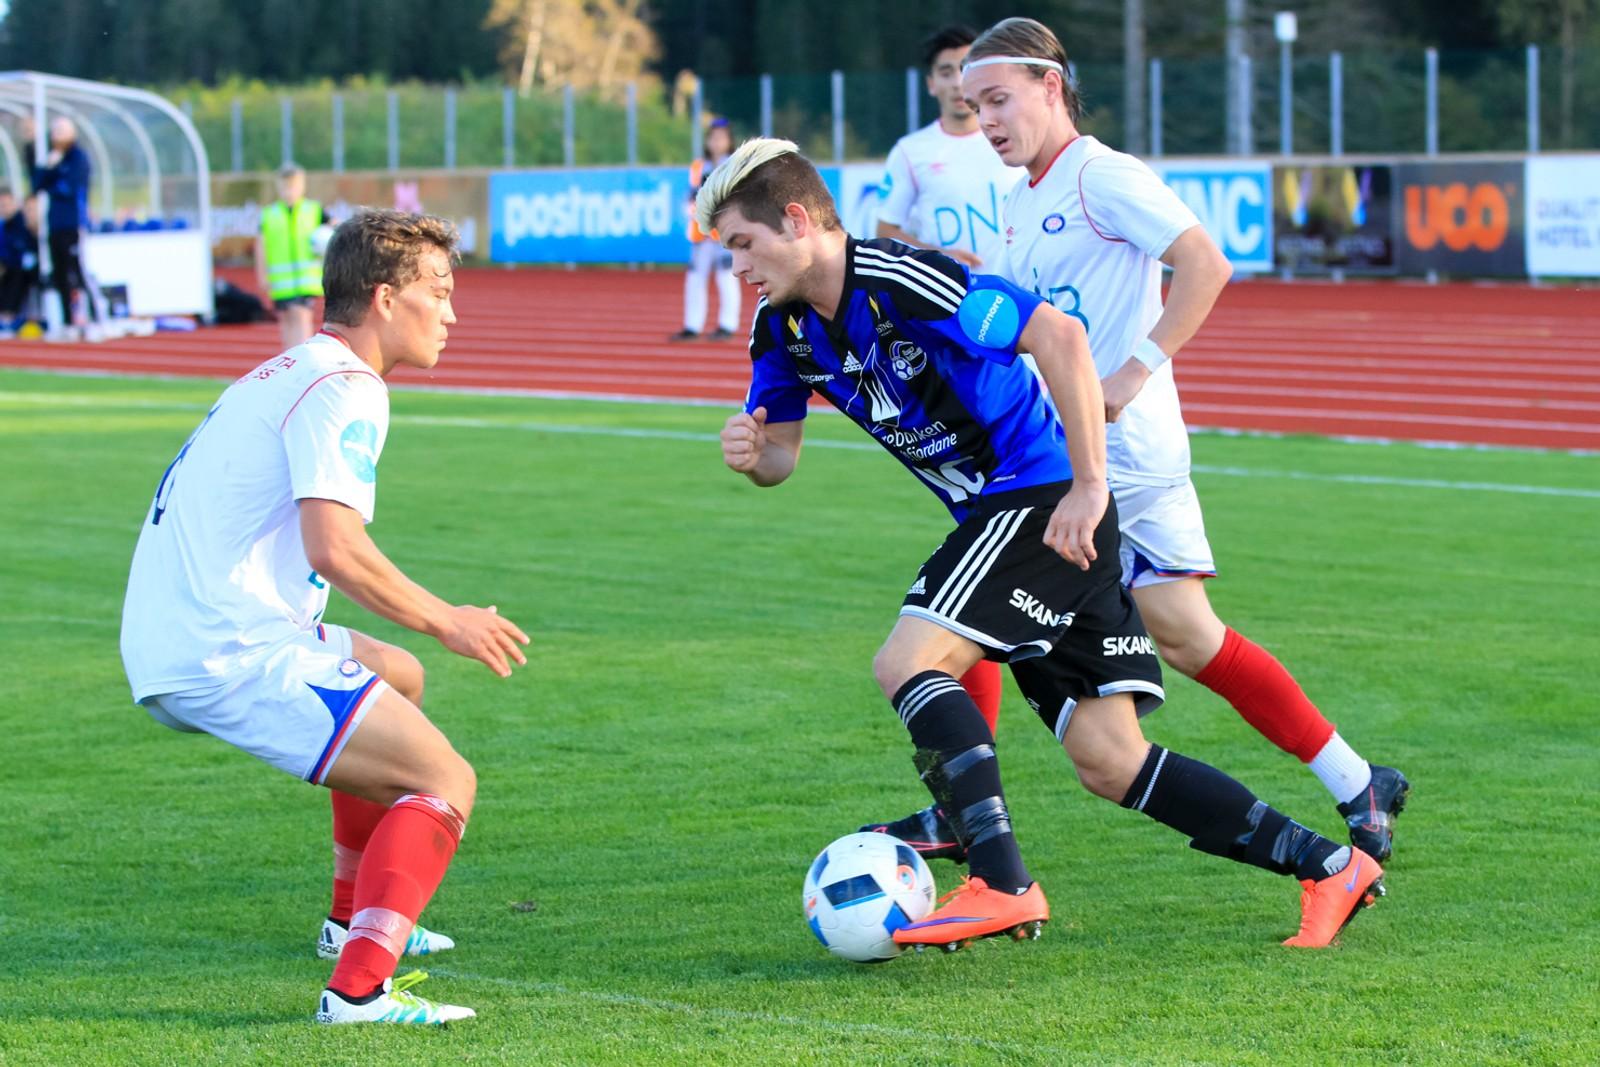 Oliver Rotihaug fekk sjansen for dei blåkledde då Runar Hove måtte ut med skade.